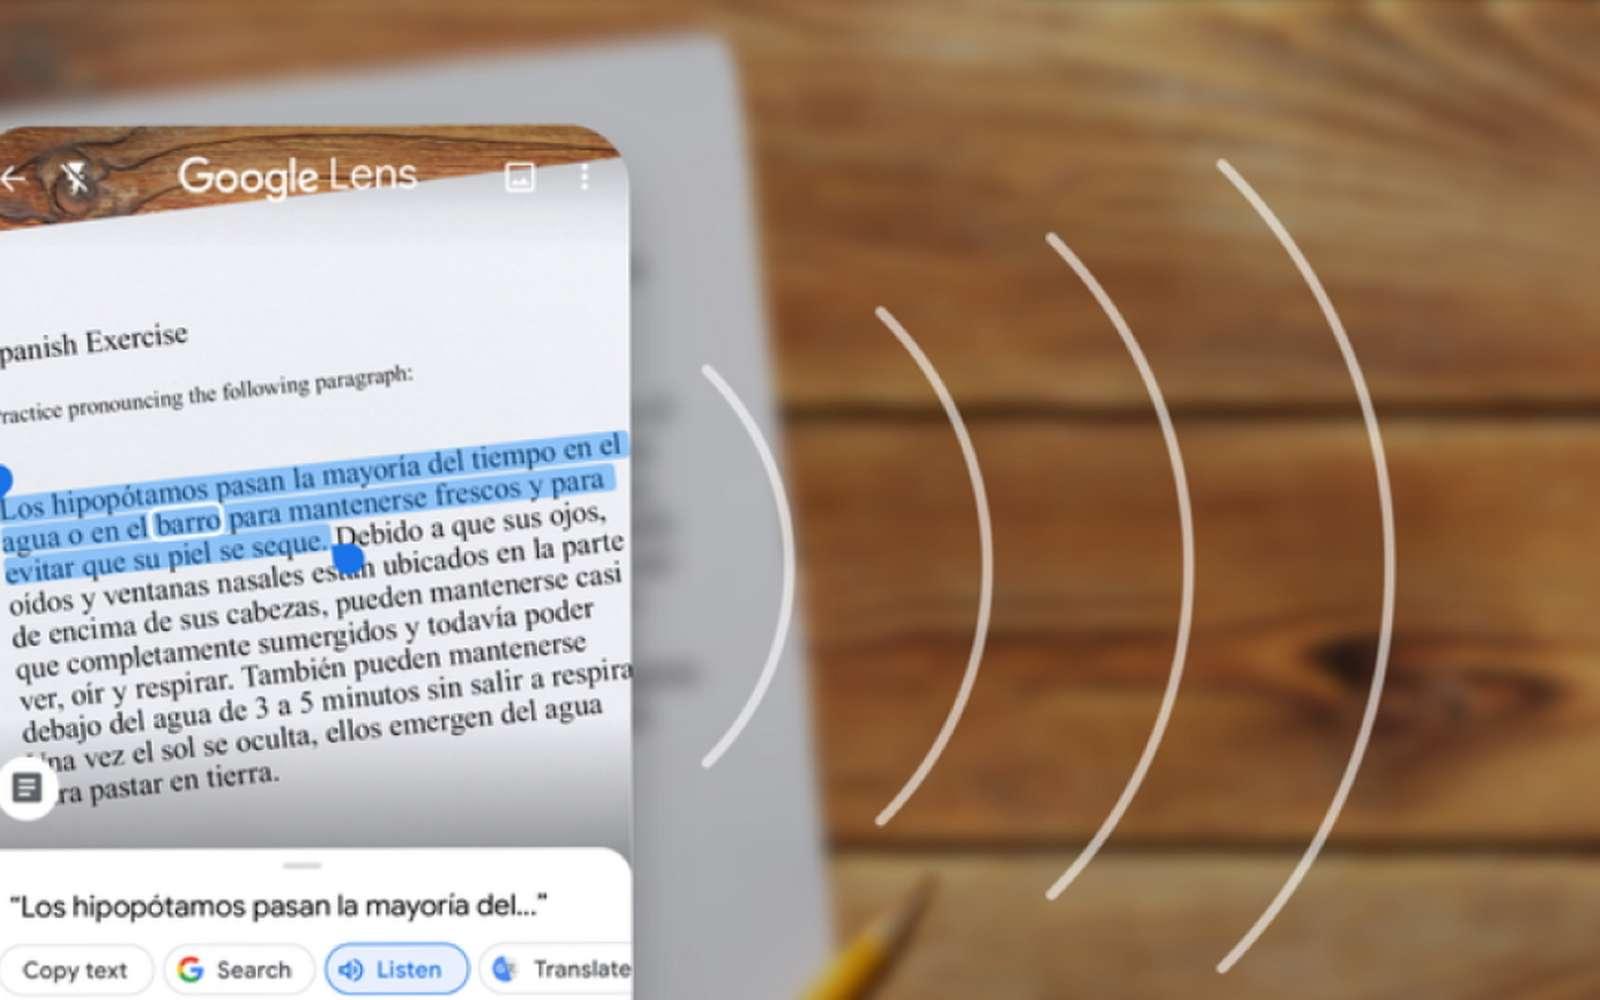 L'application Google Lens sait reconnaitre et extraire du texte d'une image et permet de le transmettre vers un ordinateur. © Google